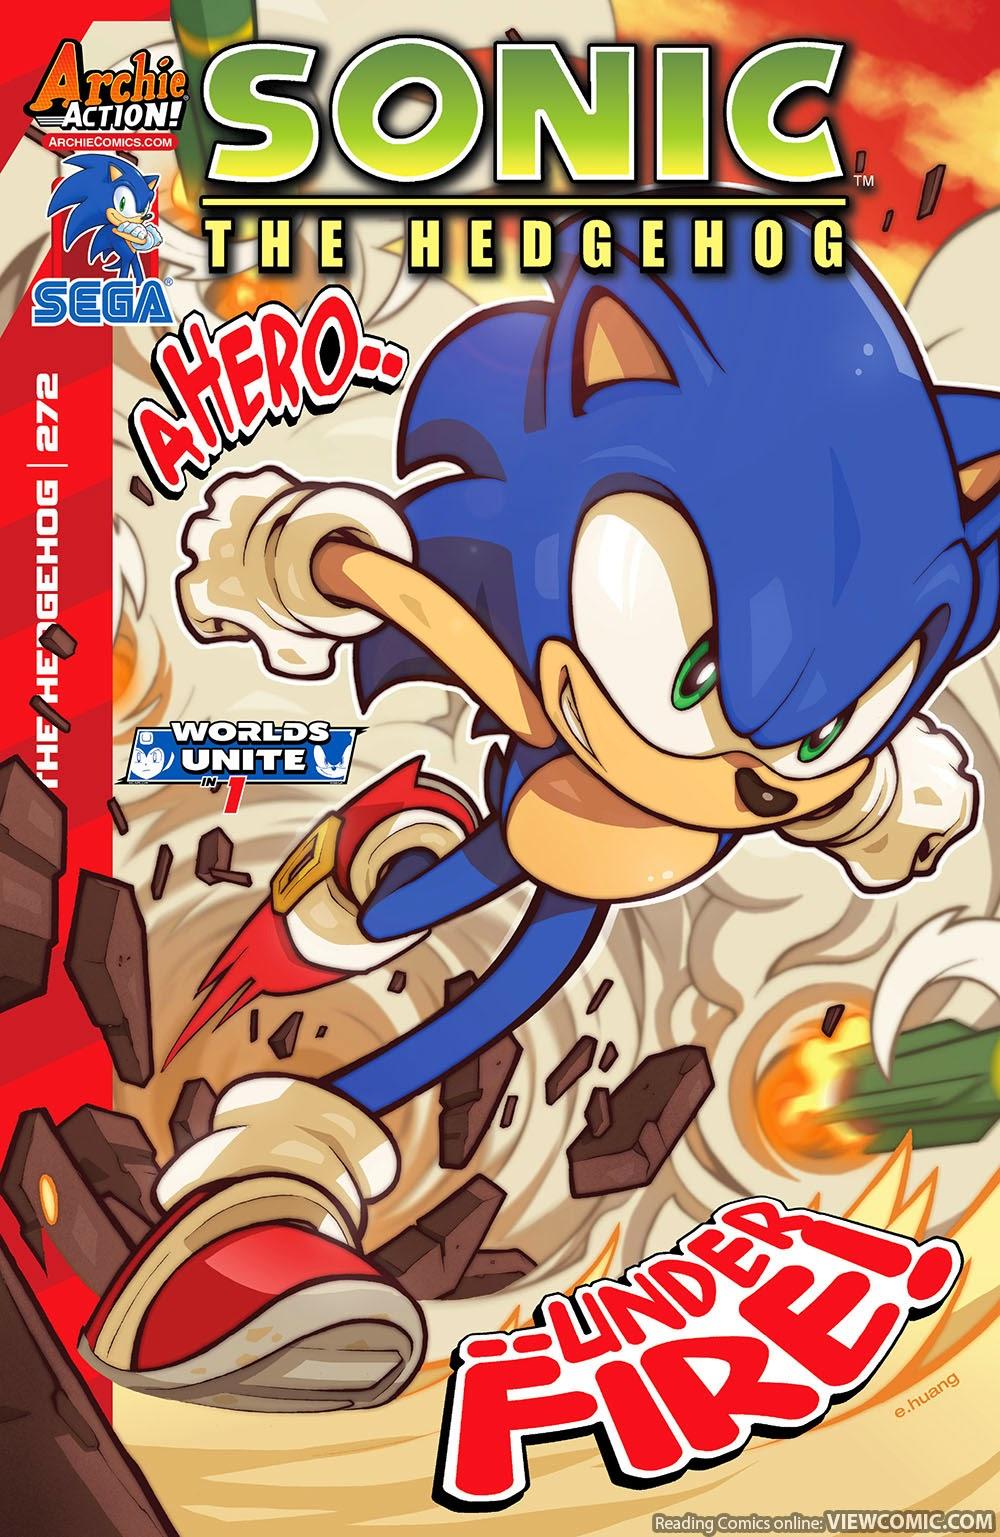 sonic the hedgehog 272 2015 viewcomic reading comics